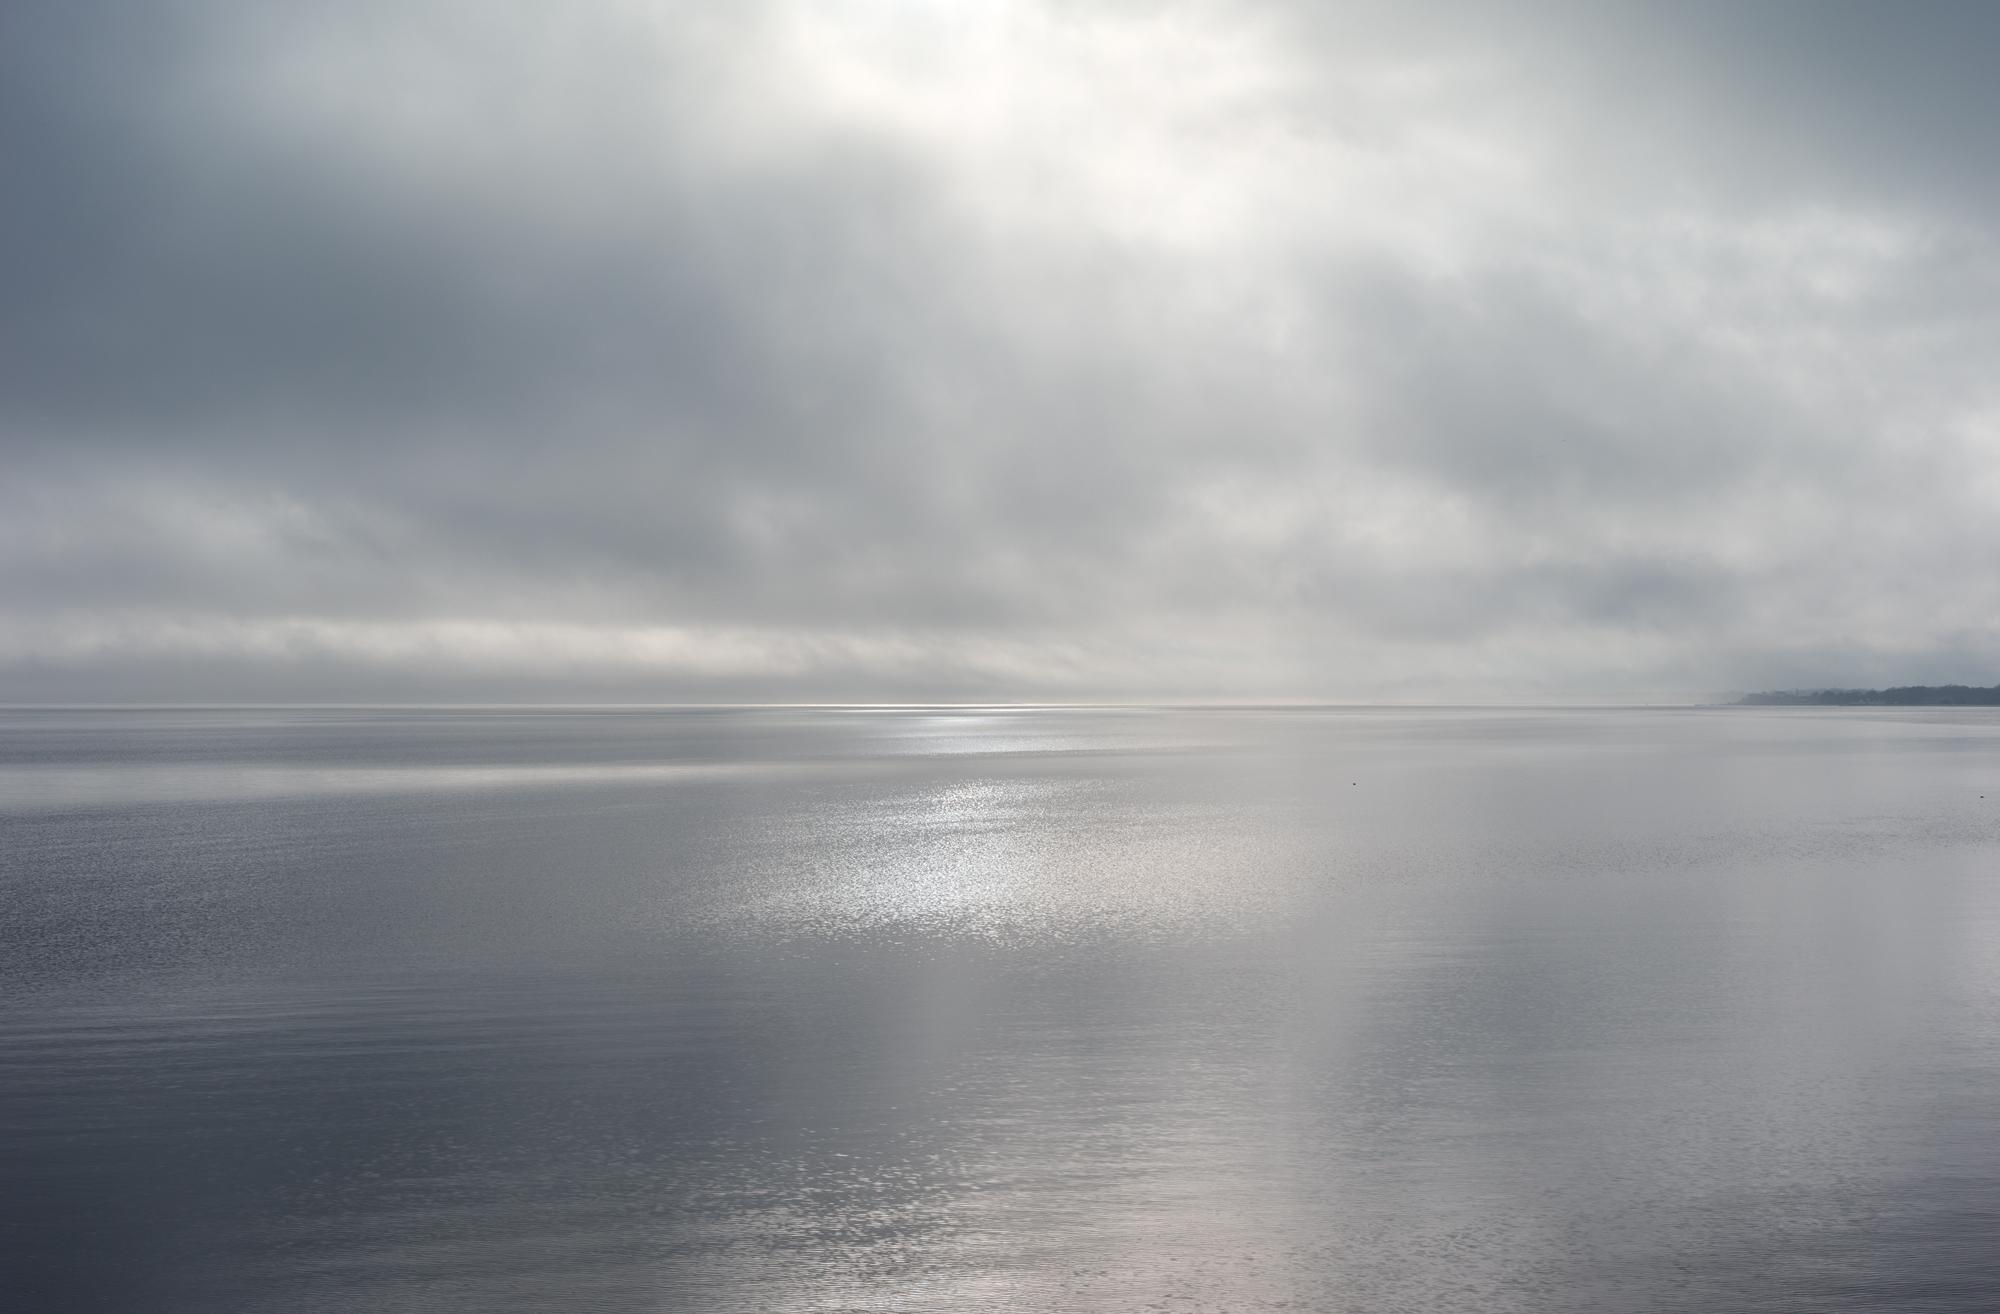 Sea: Calm